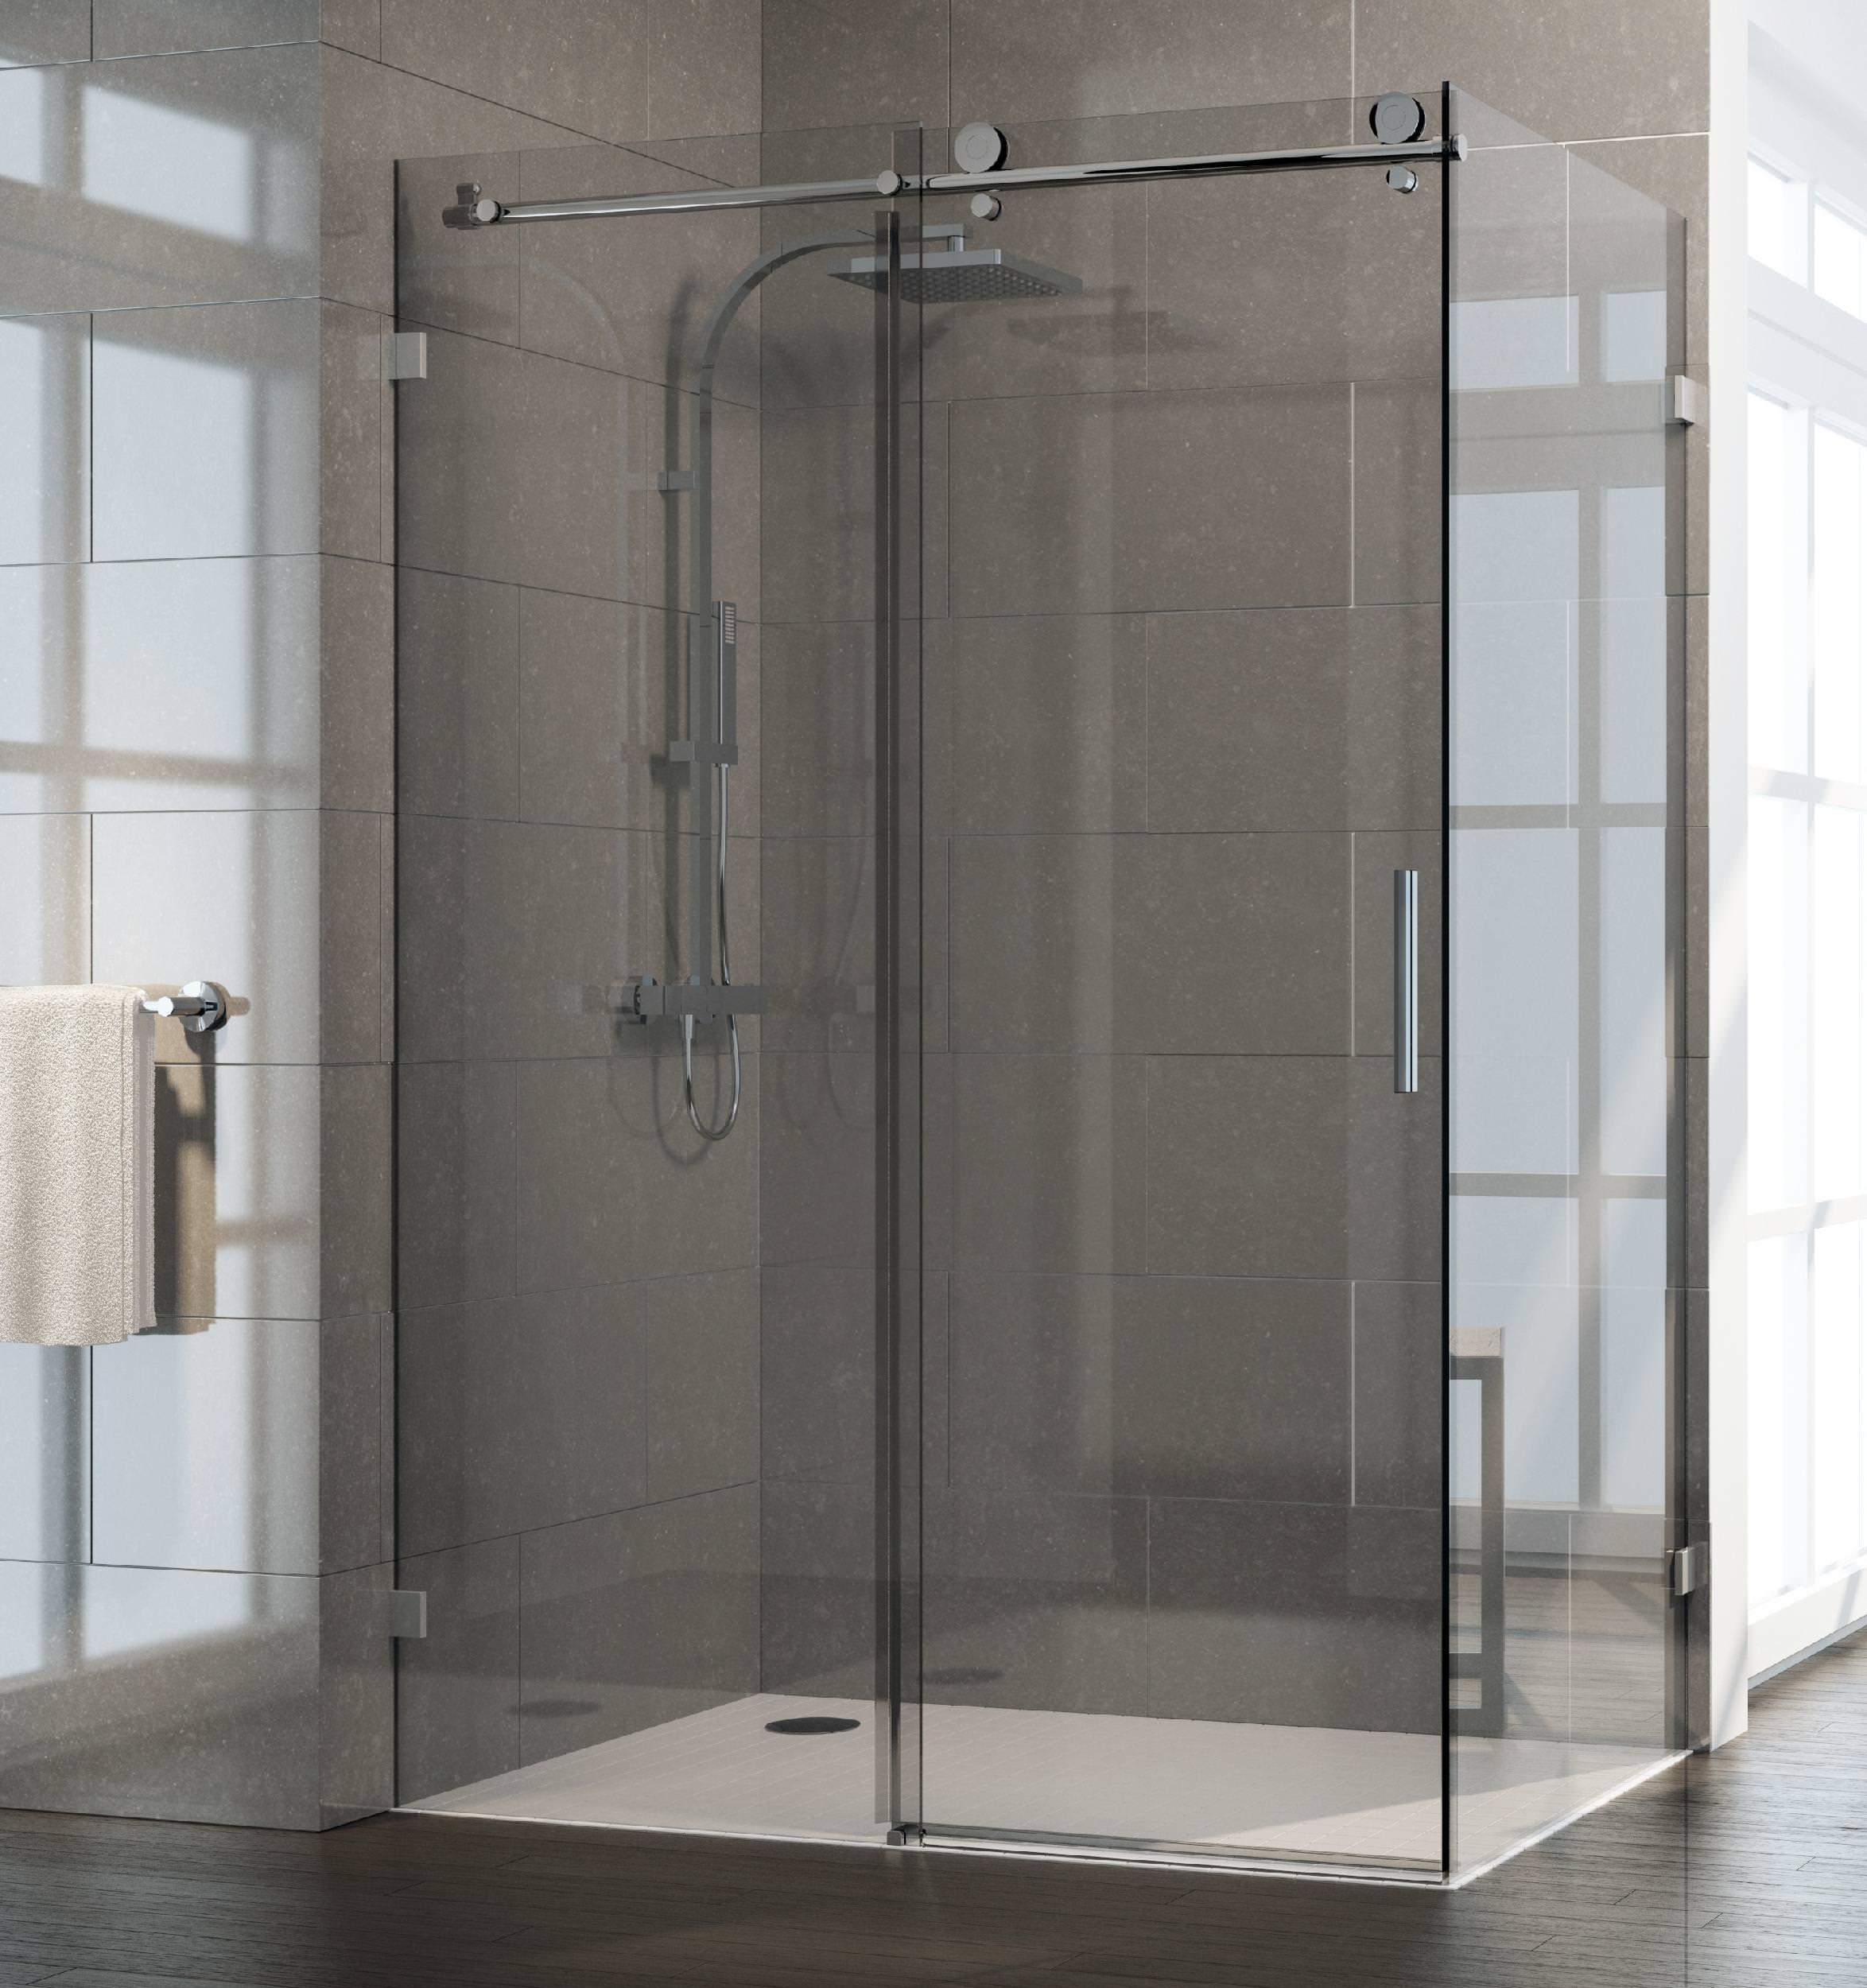 Duschkabine Schiebetür Reinigen